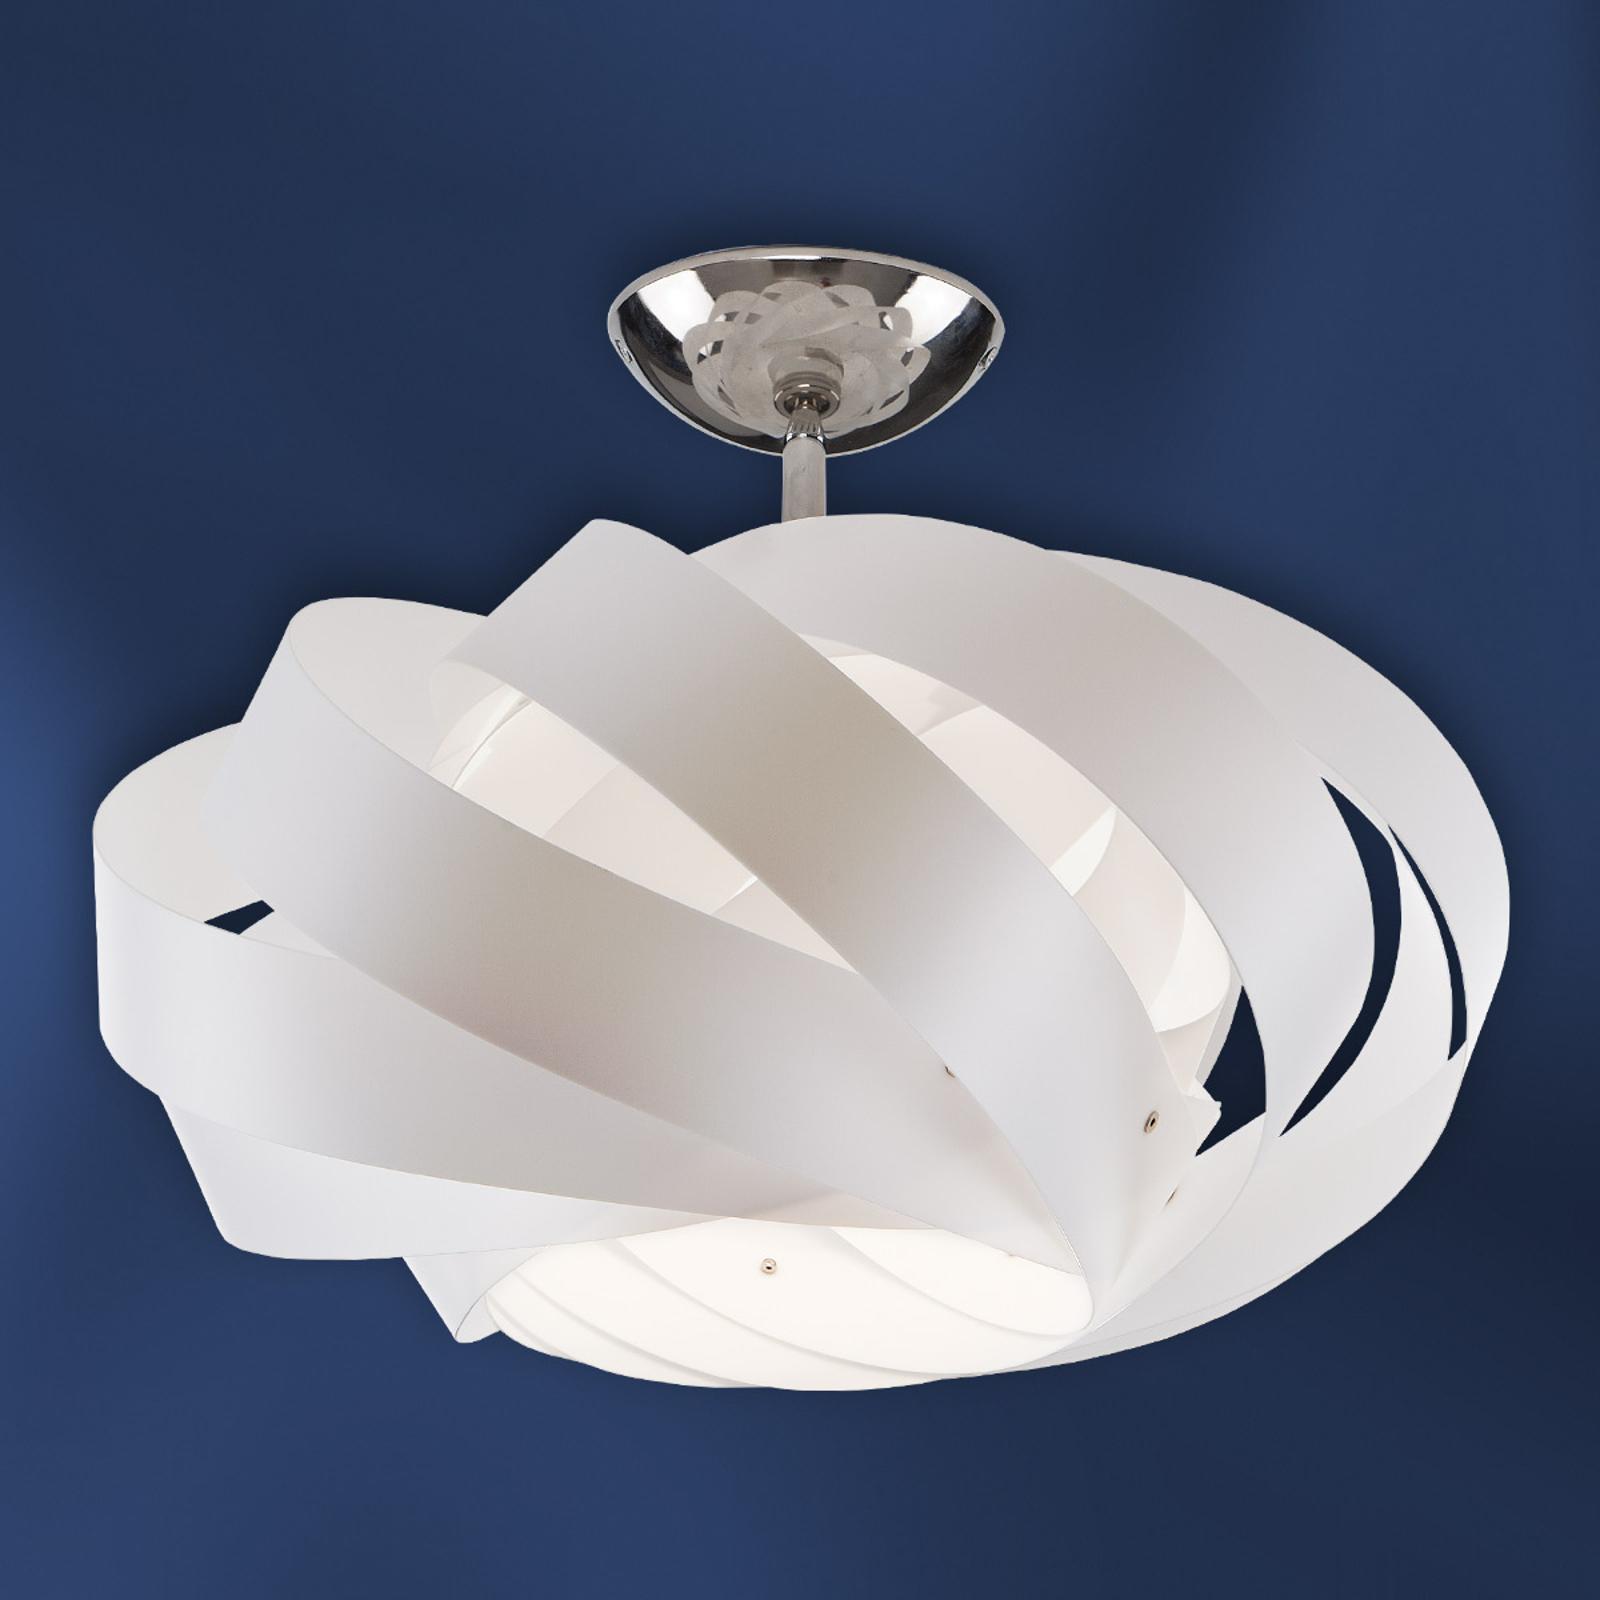 Kattovalaisin Sky Mini Nest, valkoinen